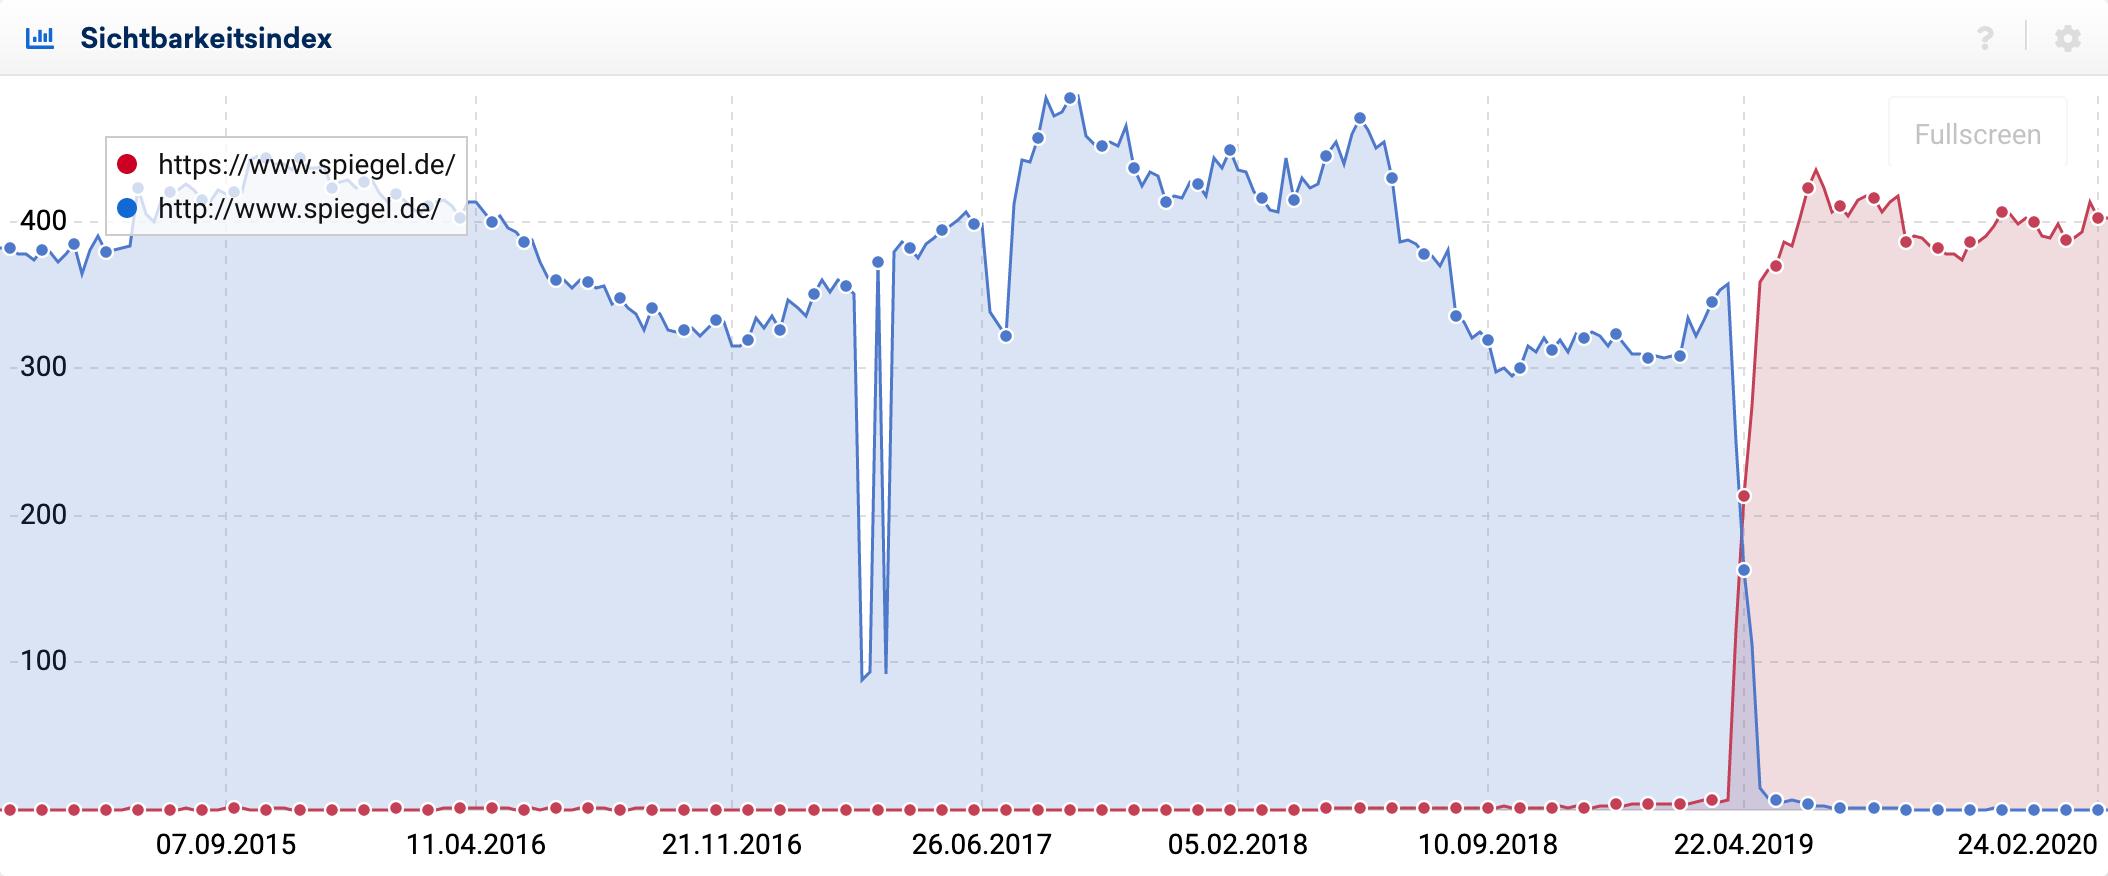 Sichtbarkeitsindexverlauf für die Domain spiegel.de. Zu sehend sind die Verläufe für das HTTP und das HTTPS Protokoll. Die Umstellung ist Ende April, 2019 geschehen und die Kurven gehen natlos ineinander über.